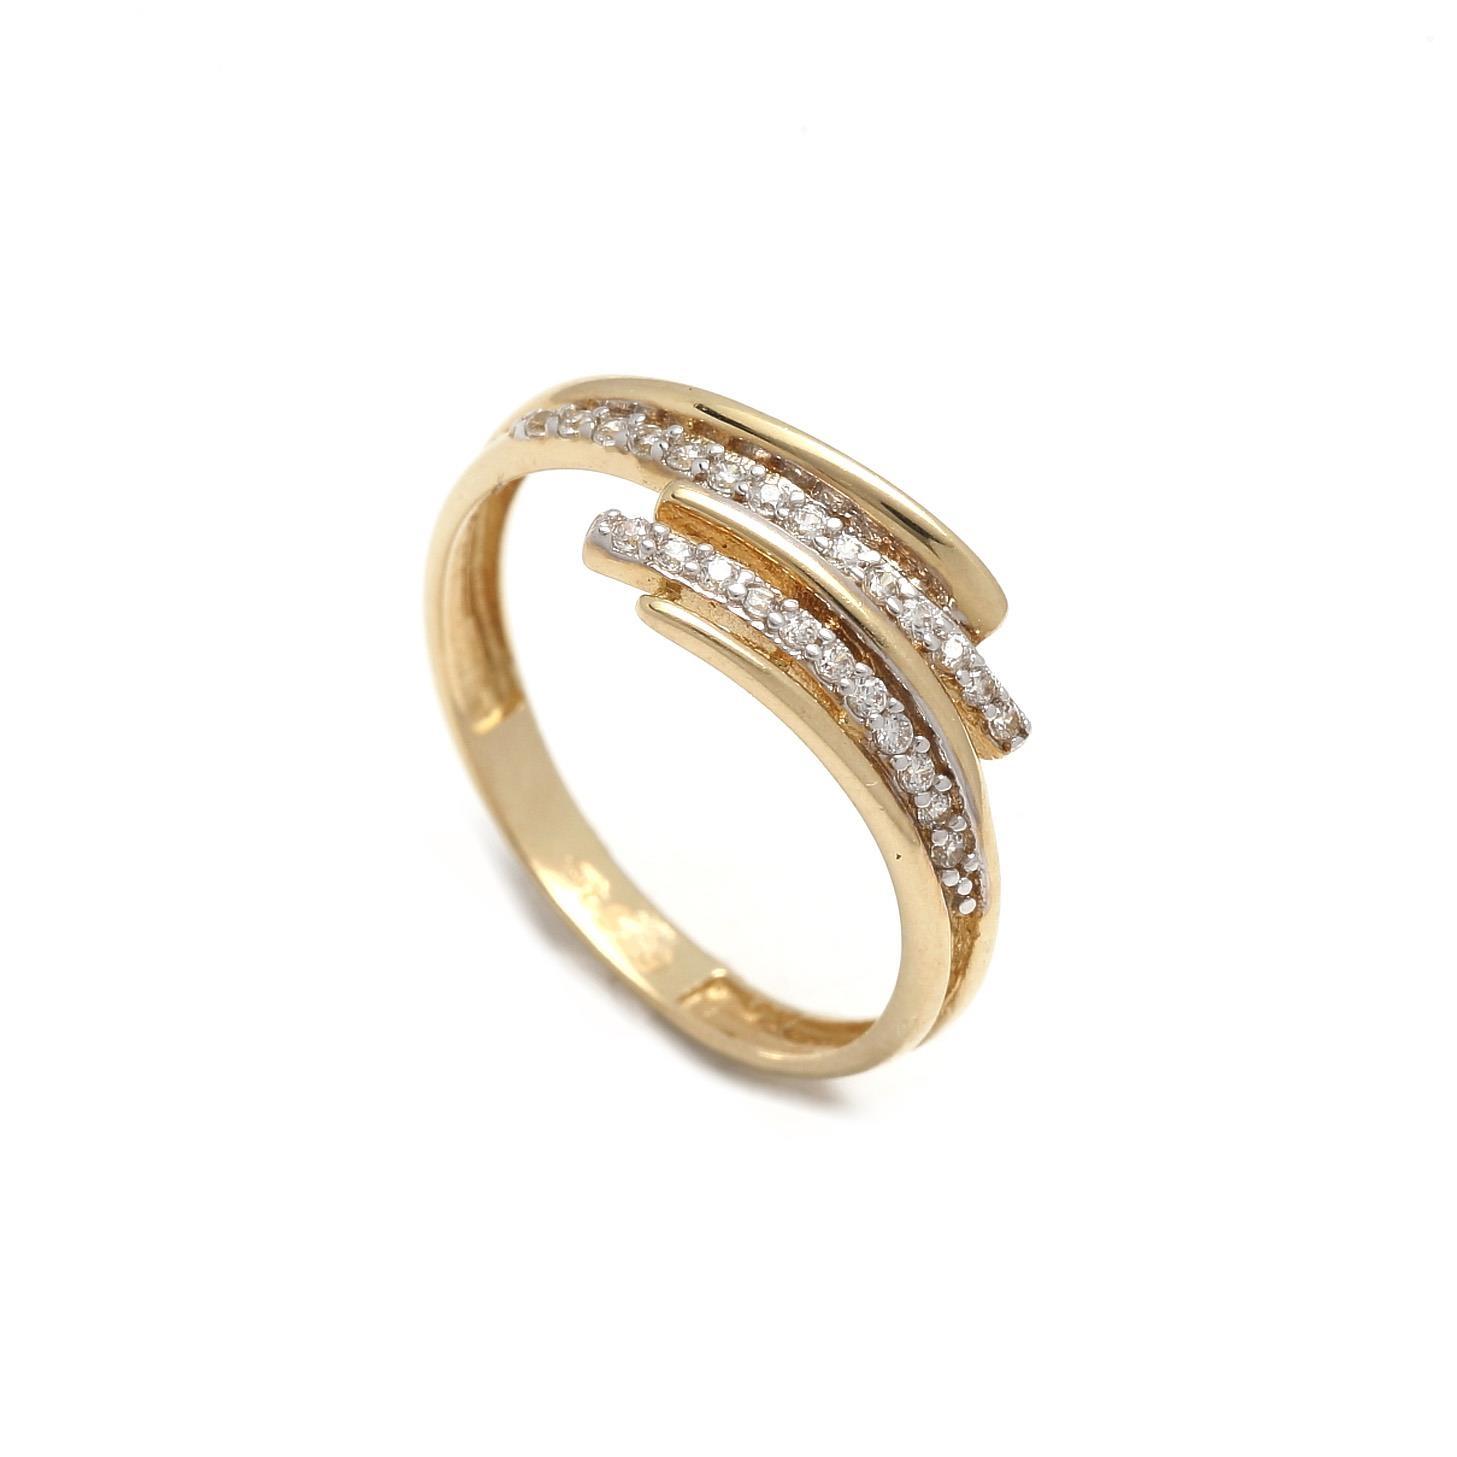 Zlatý dámsky prsteň IMMACOLATA 1PZ00095